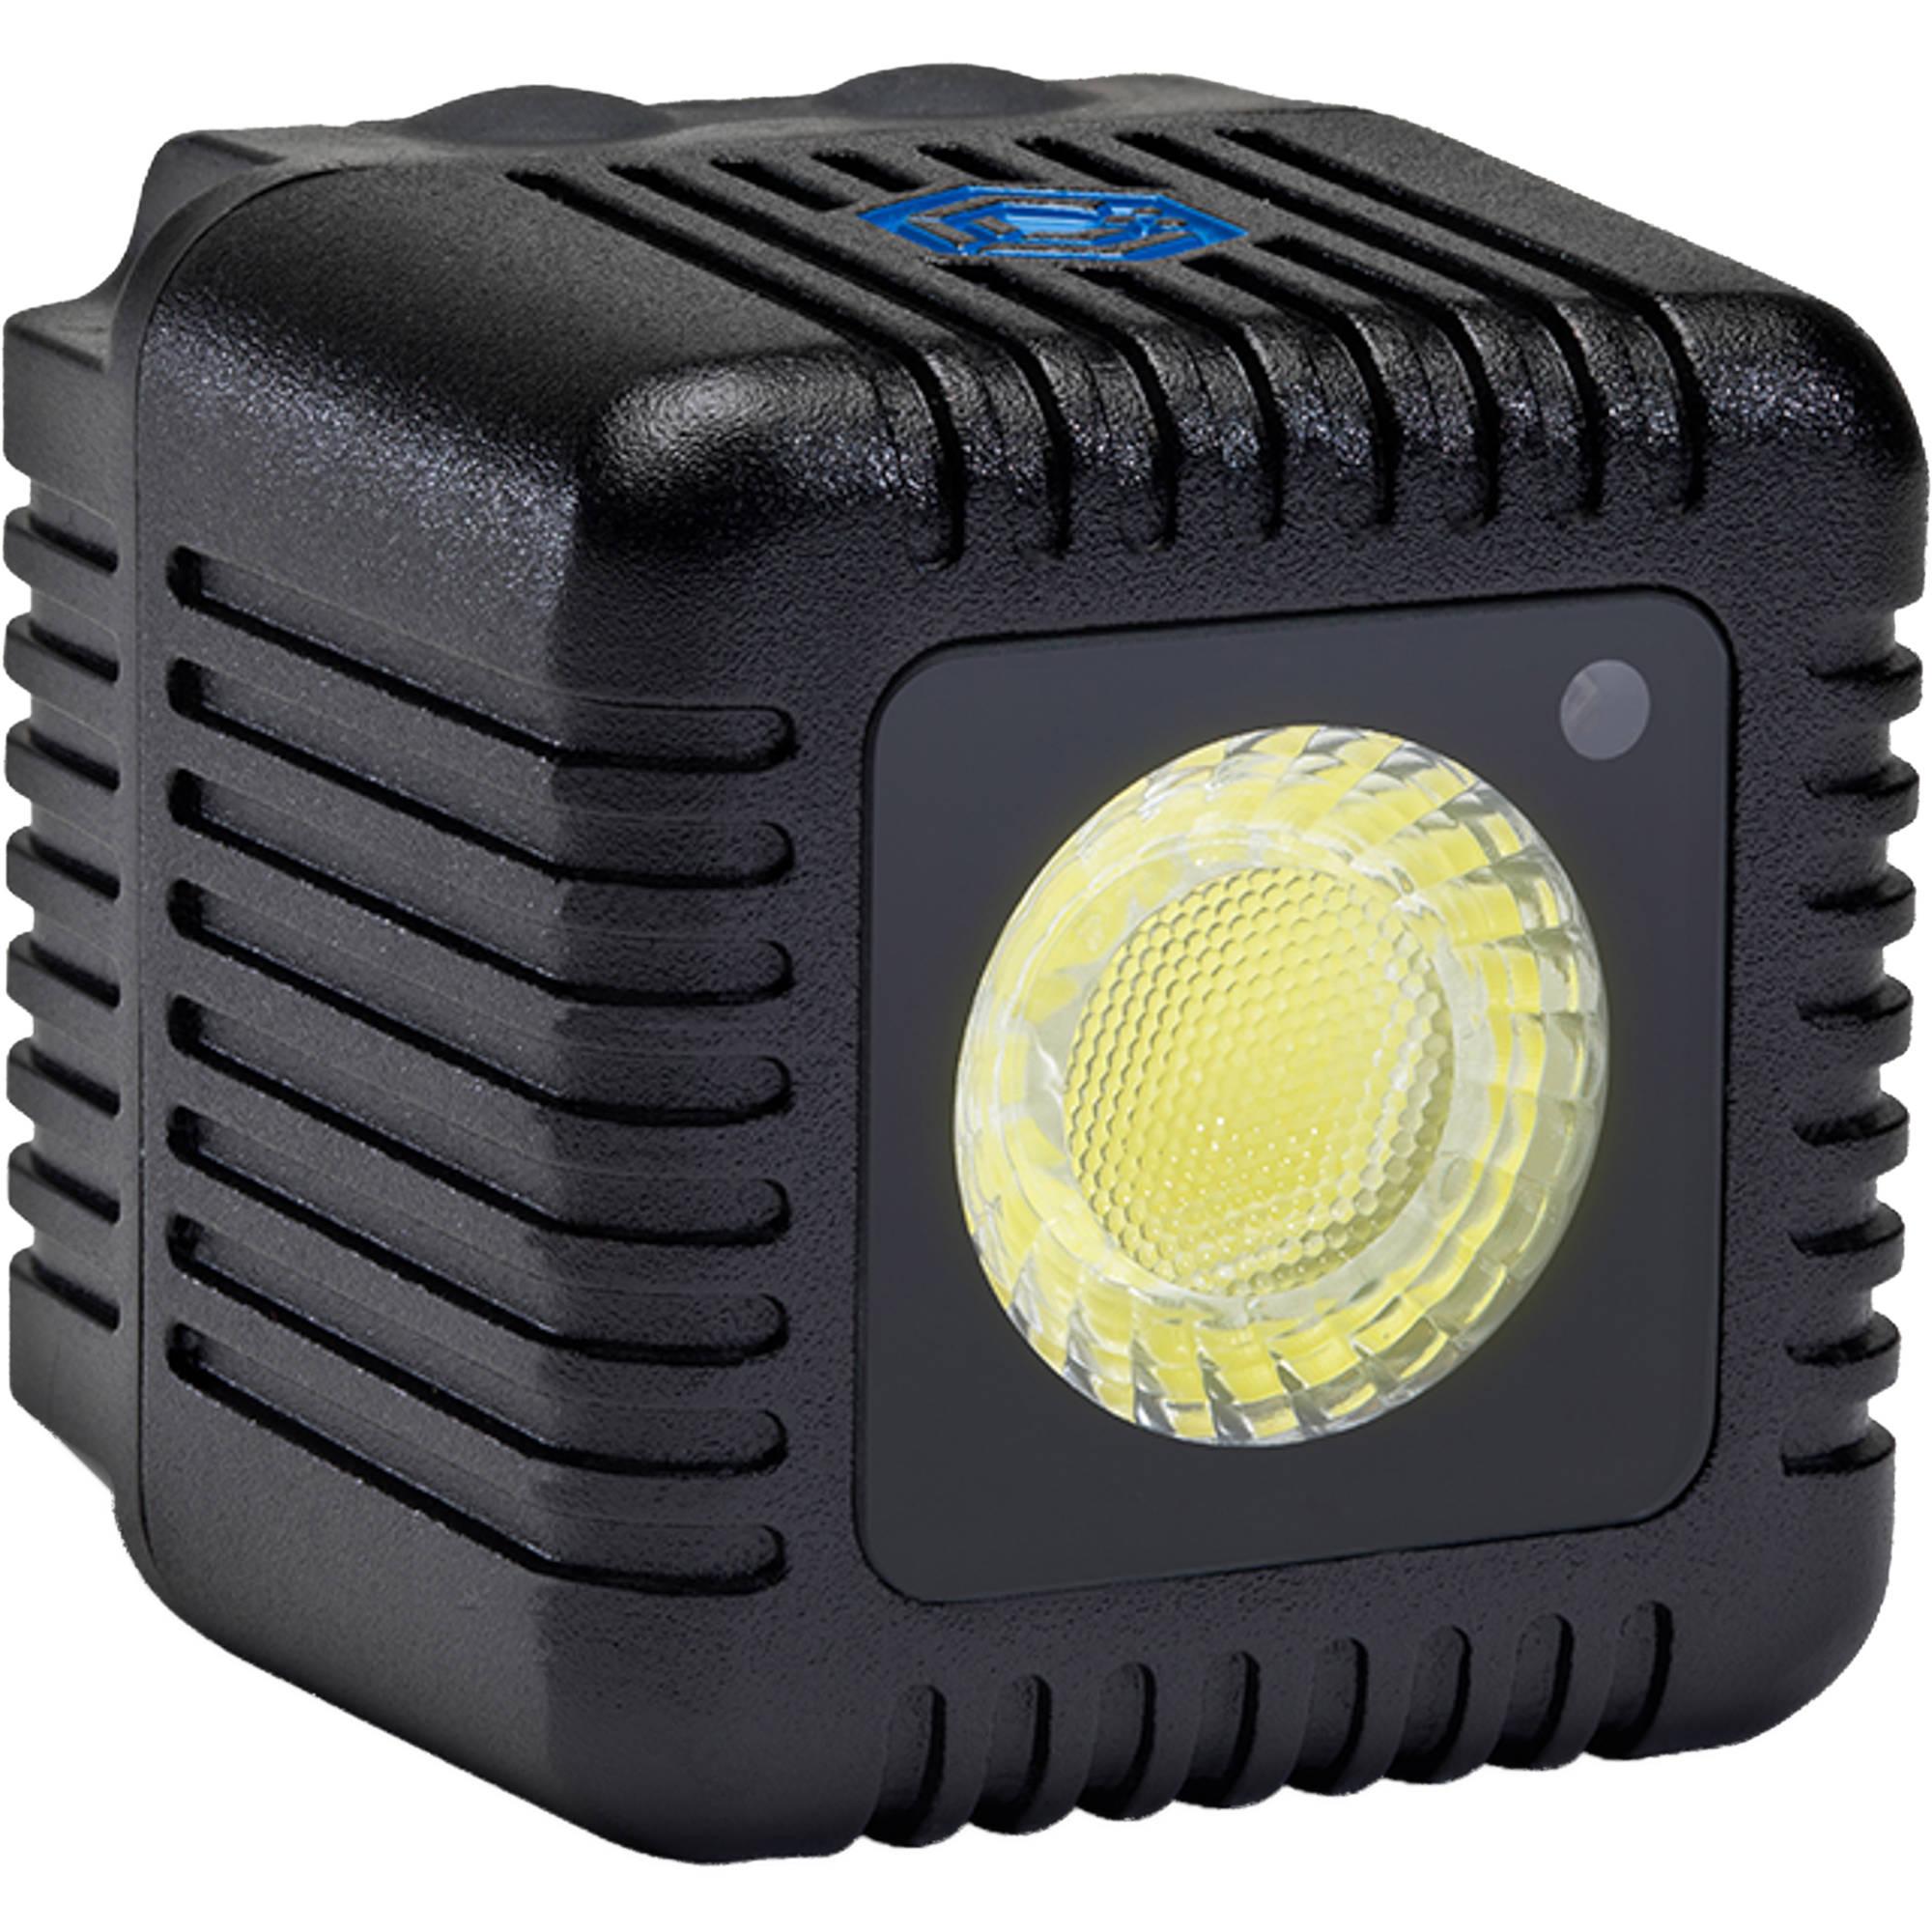 Lume Cube Portable Led Light - SEO Start